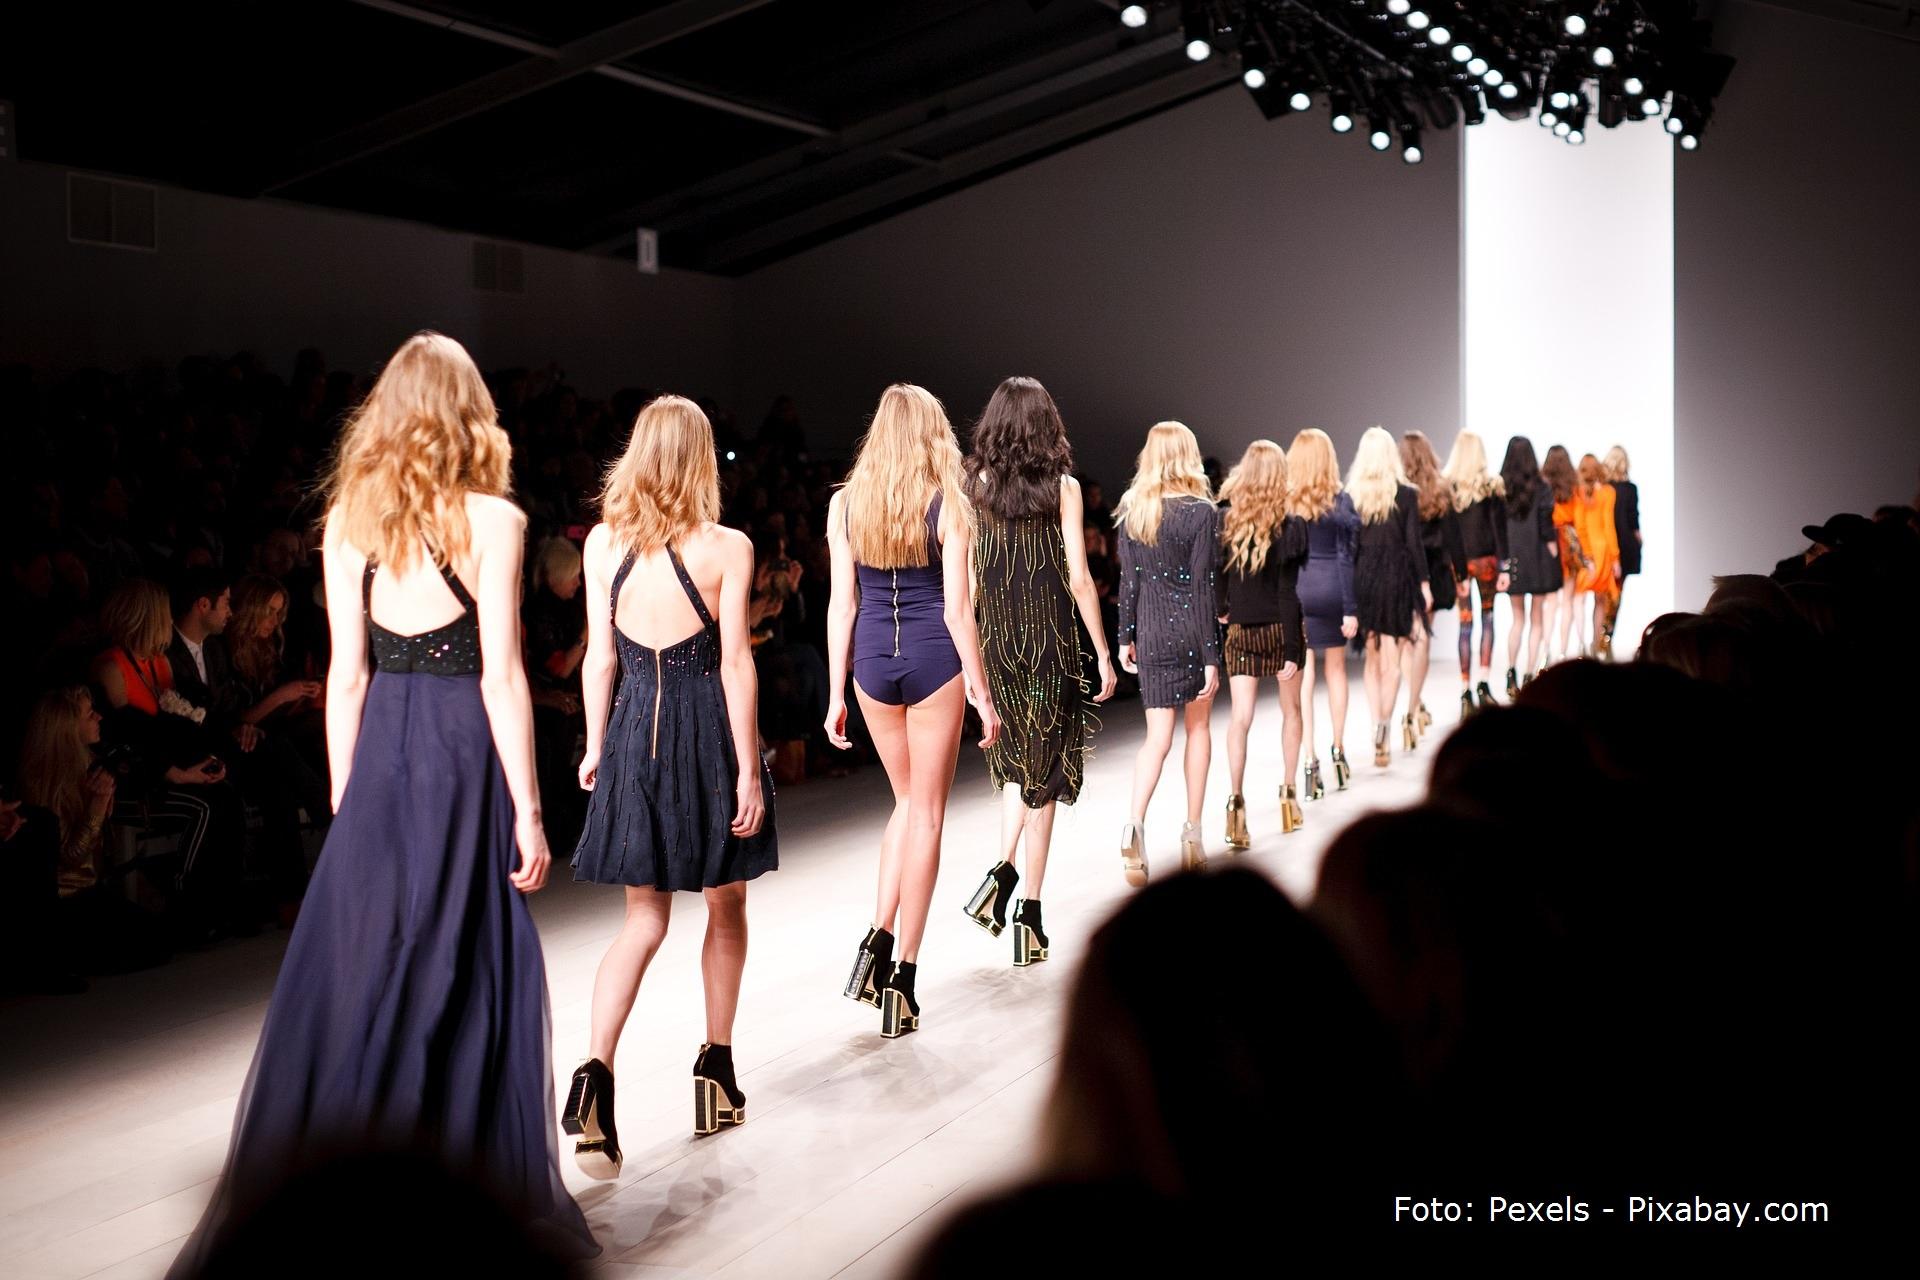 Curvy models, Best age models und der Schein vom normalen Leben